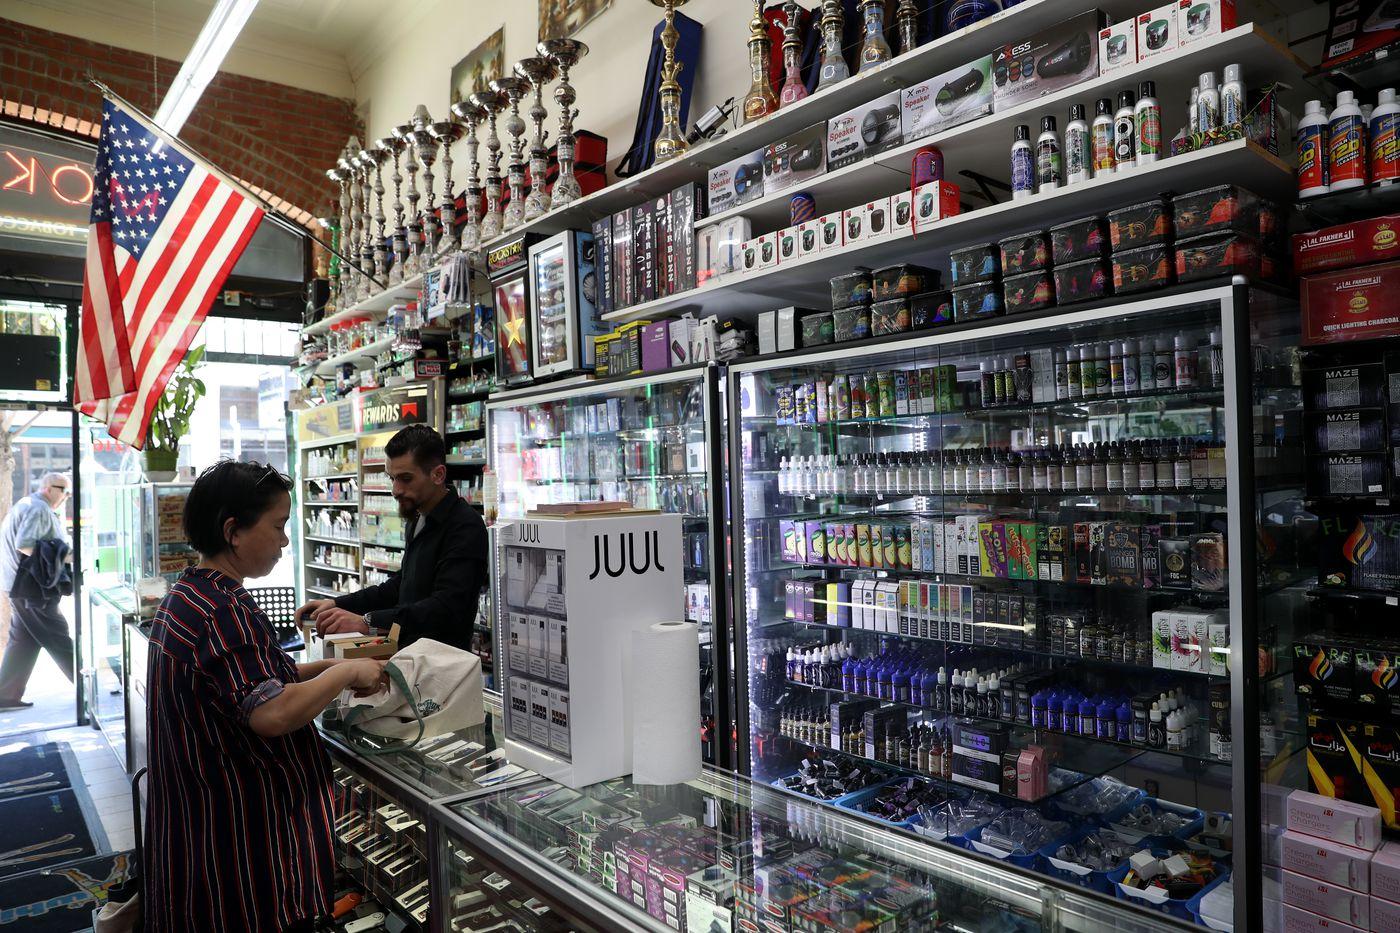 Vape stores, e-liquid brands, and mods: inside the vape life